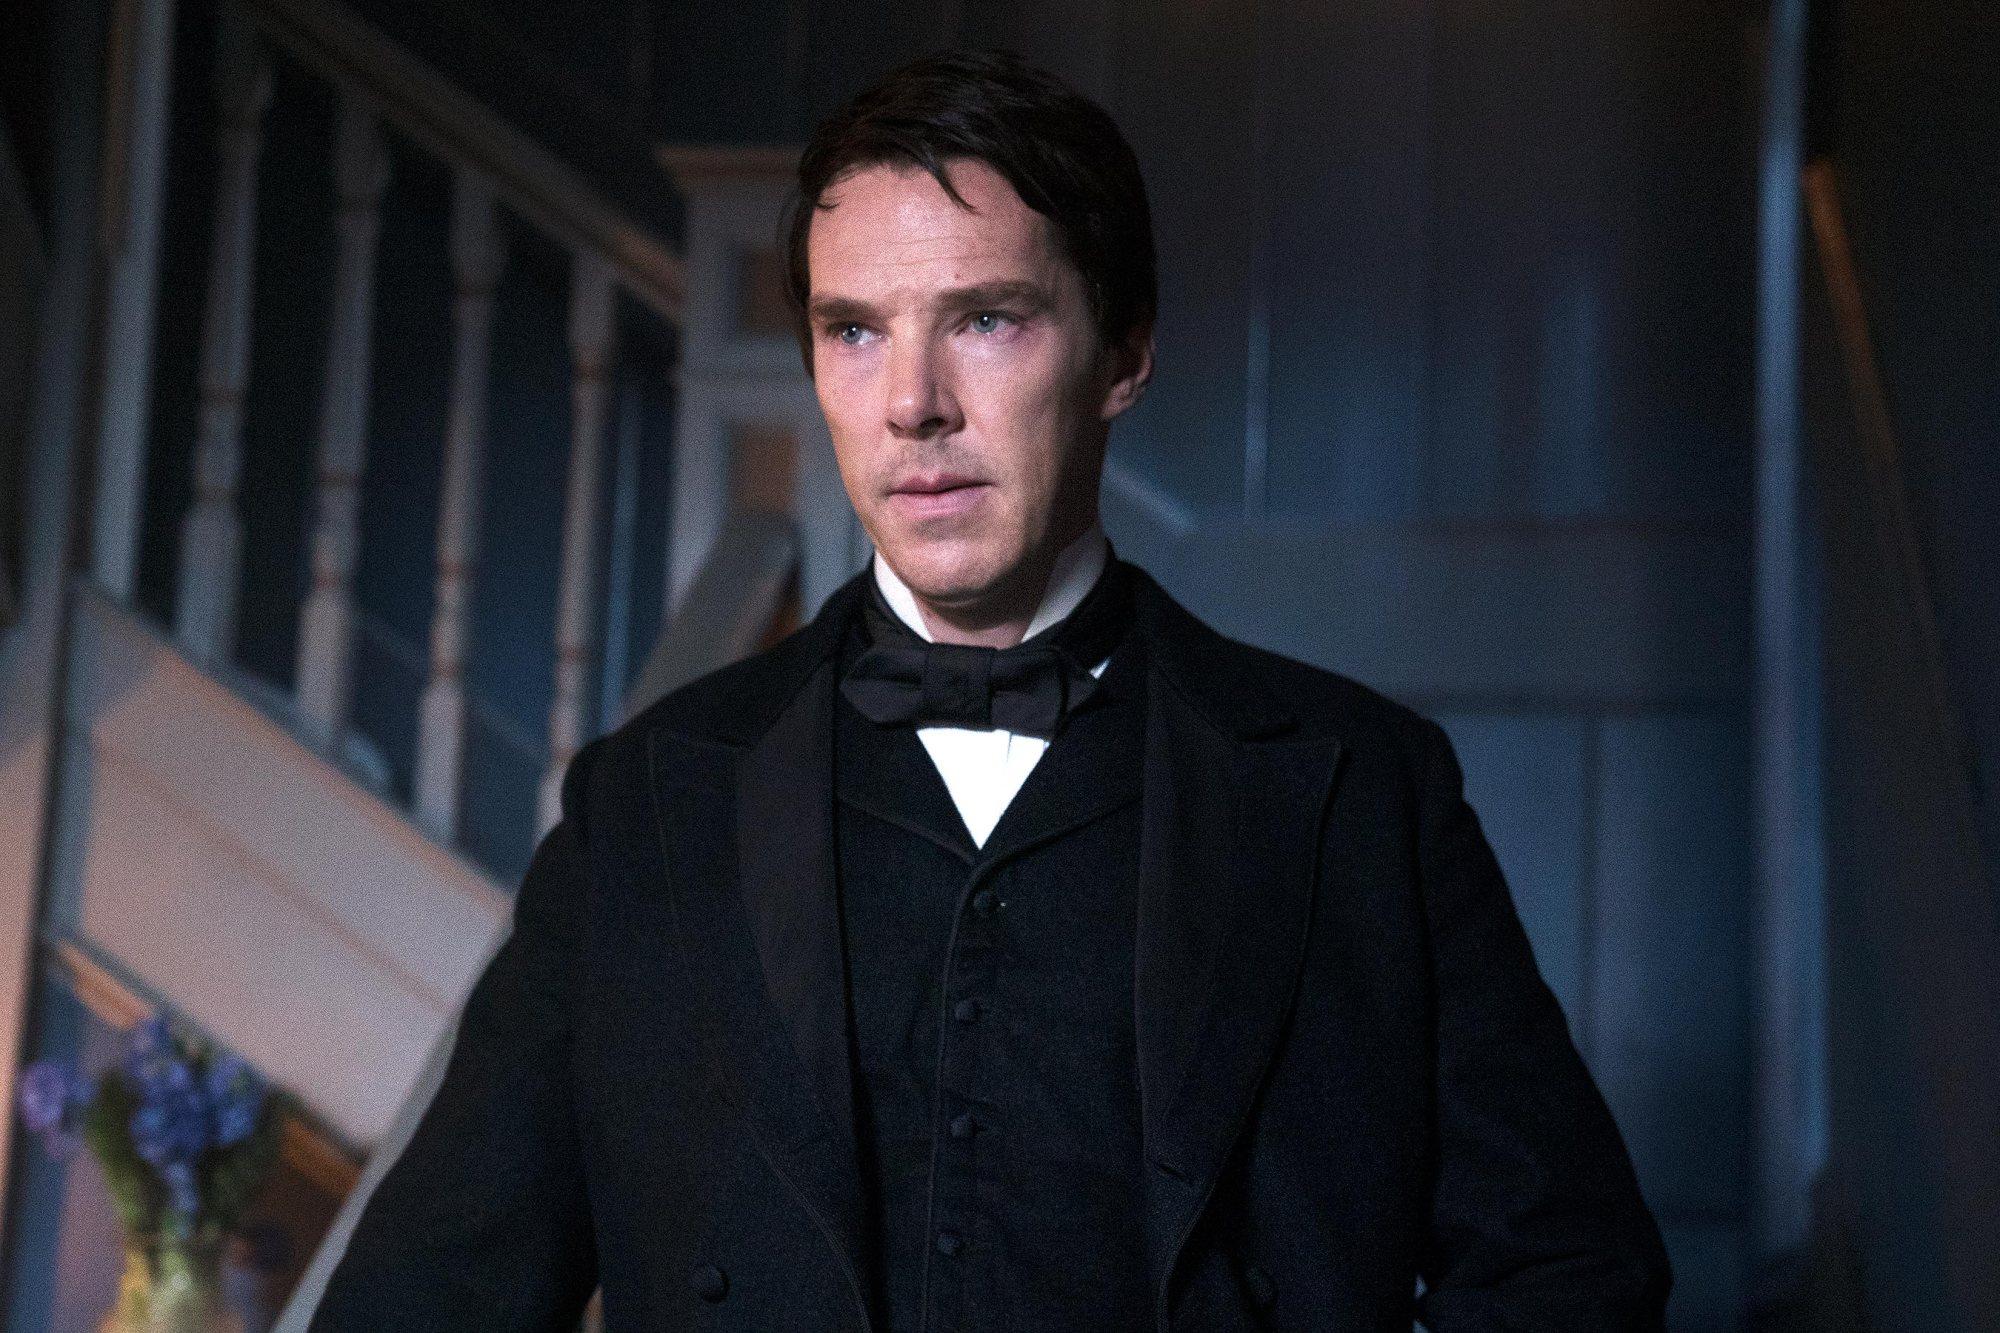 The Current War: la prima foto di Benedict Cumberbatch nei panni di Thomas Edison